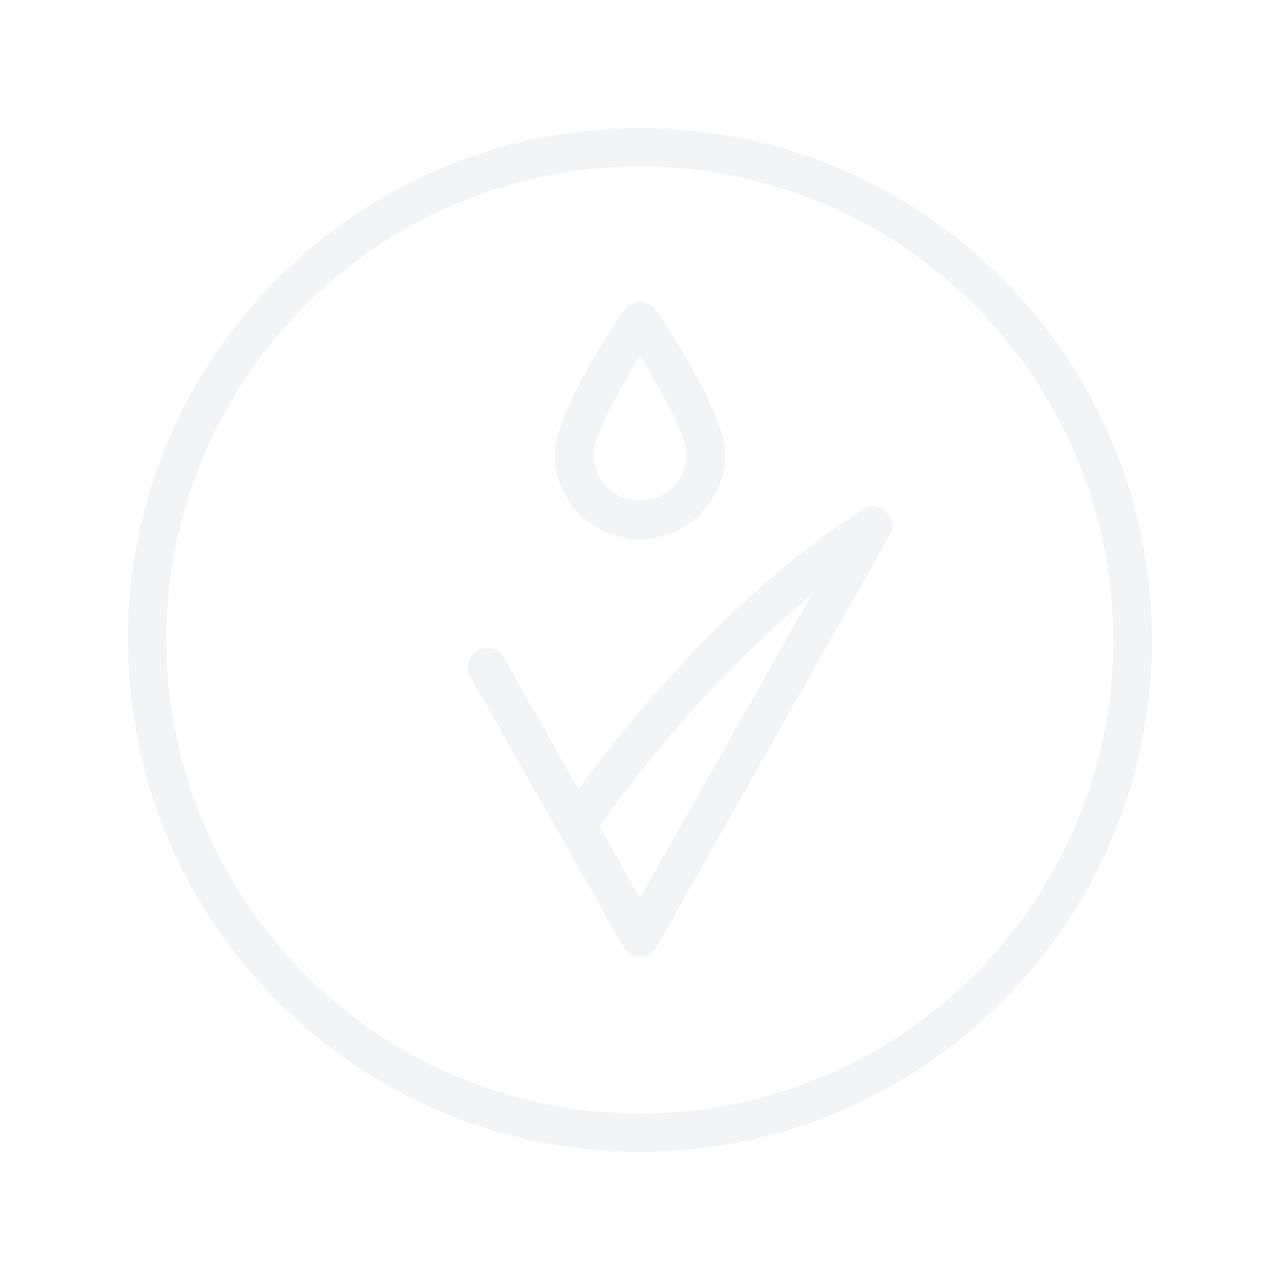 L'Oreal Super Liner Waterproof Eyeliner Black Lacquer